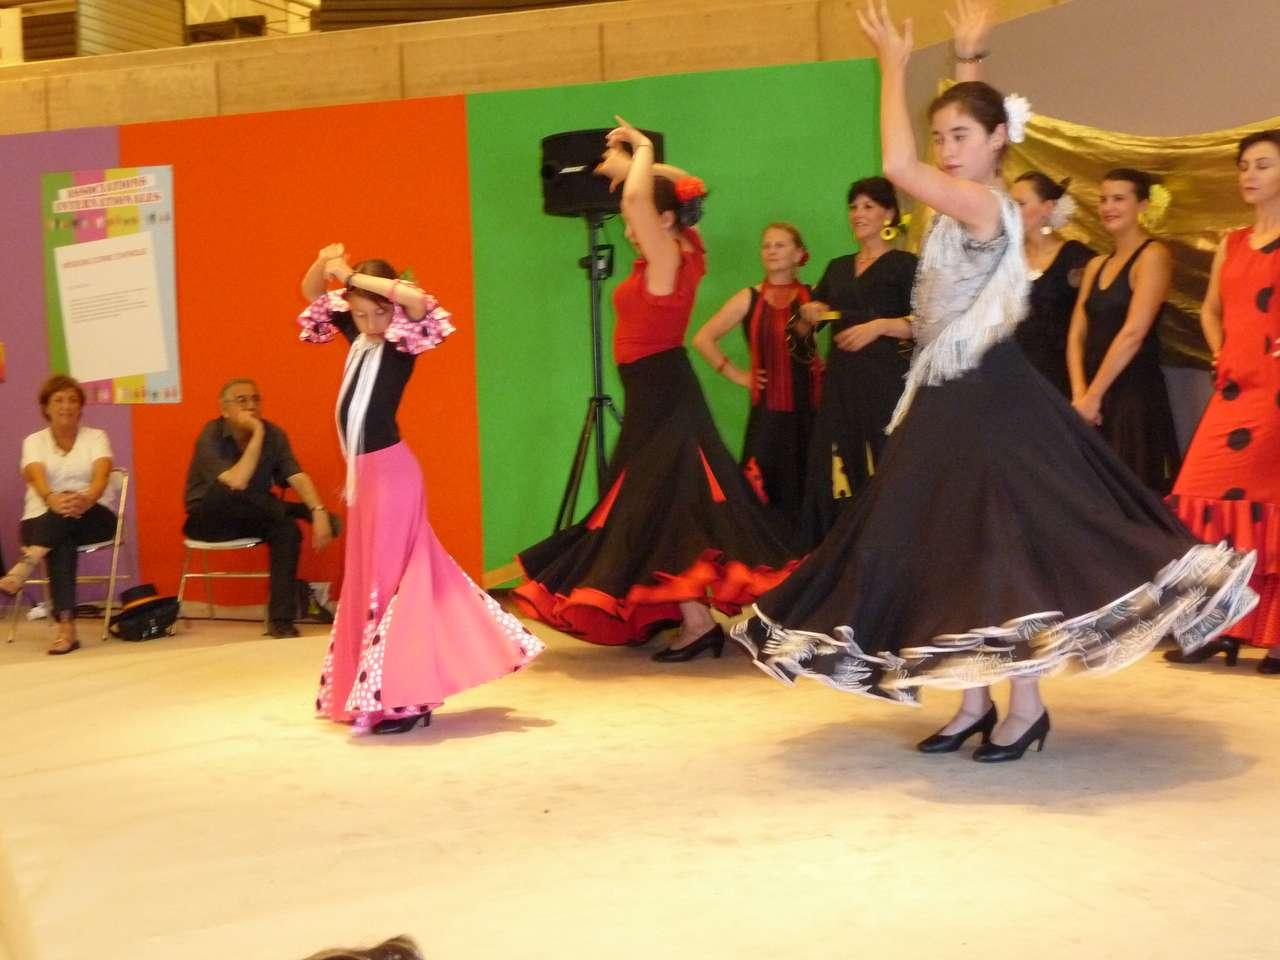 Španělský tanec - Flamenco na veletrhu v Bordeaux (12×9)